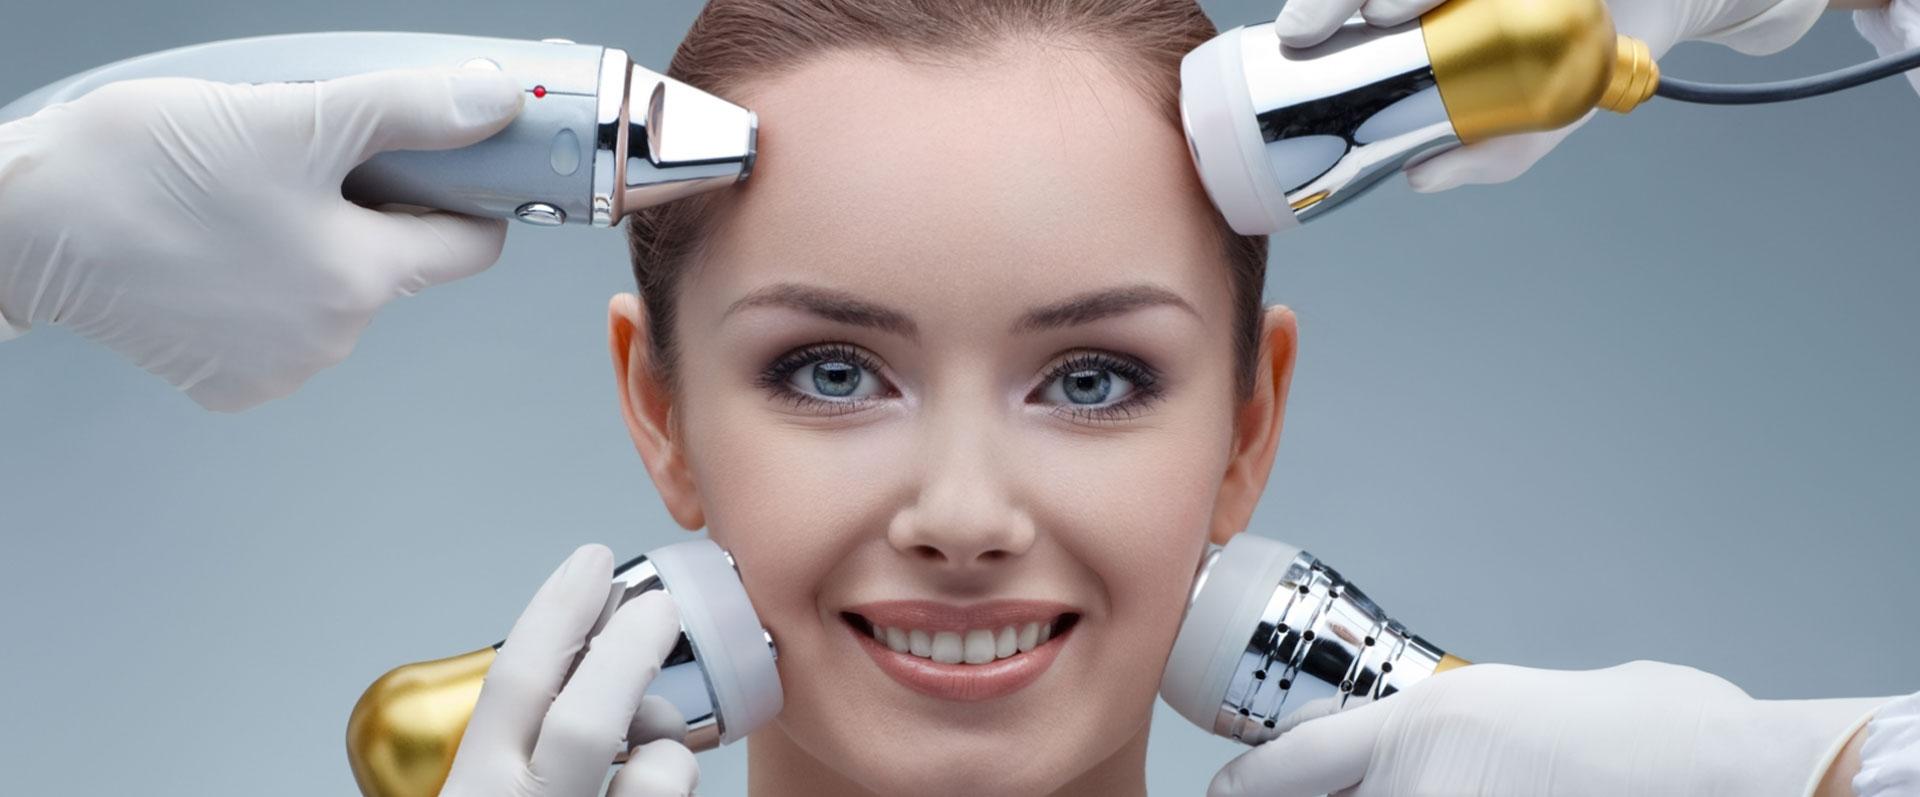 Аппаратная косметология для женщин